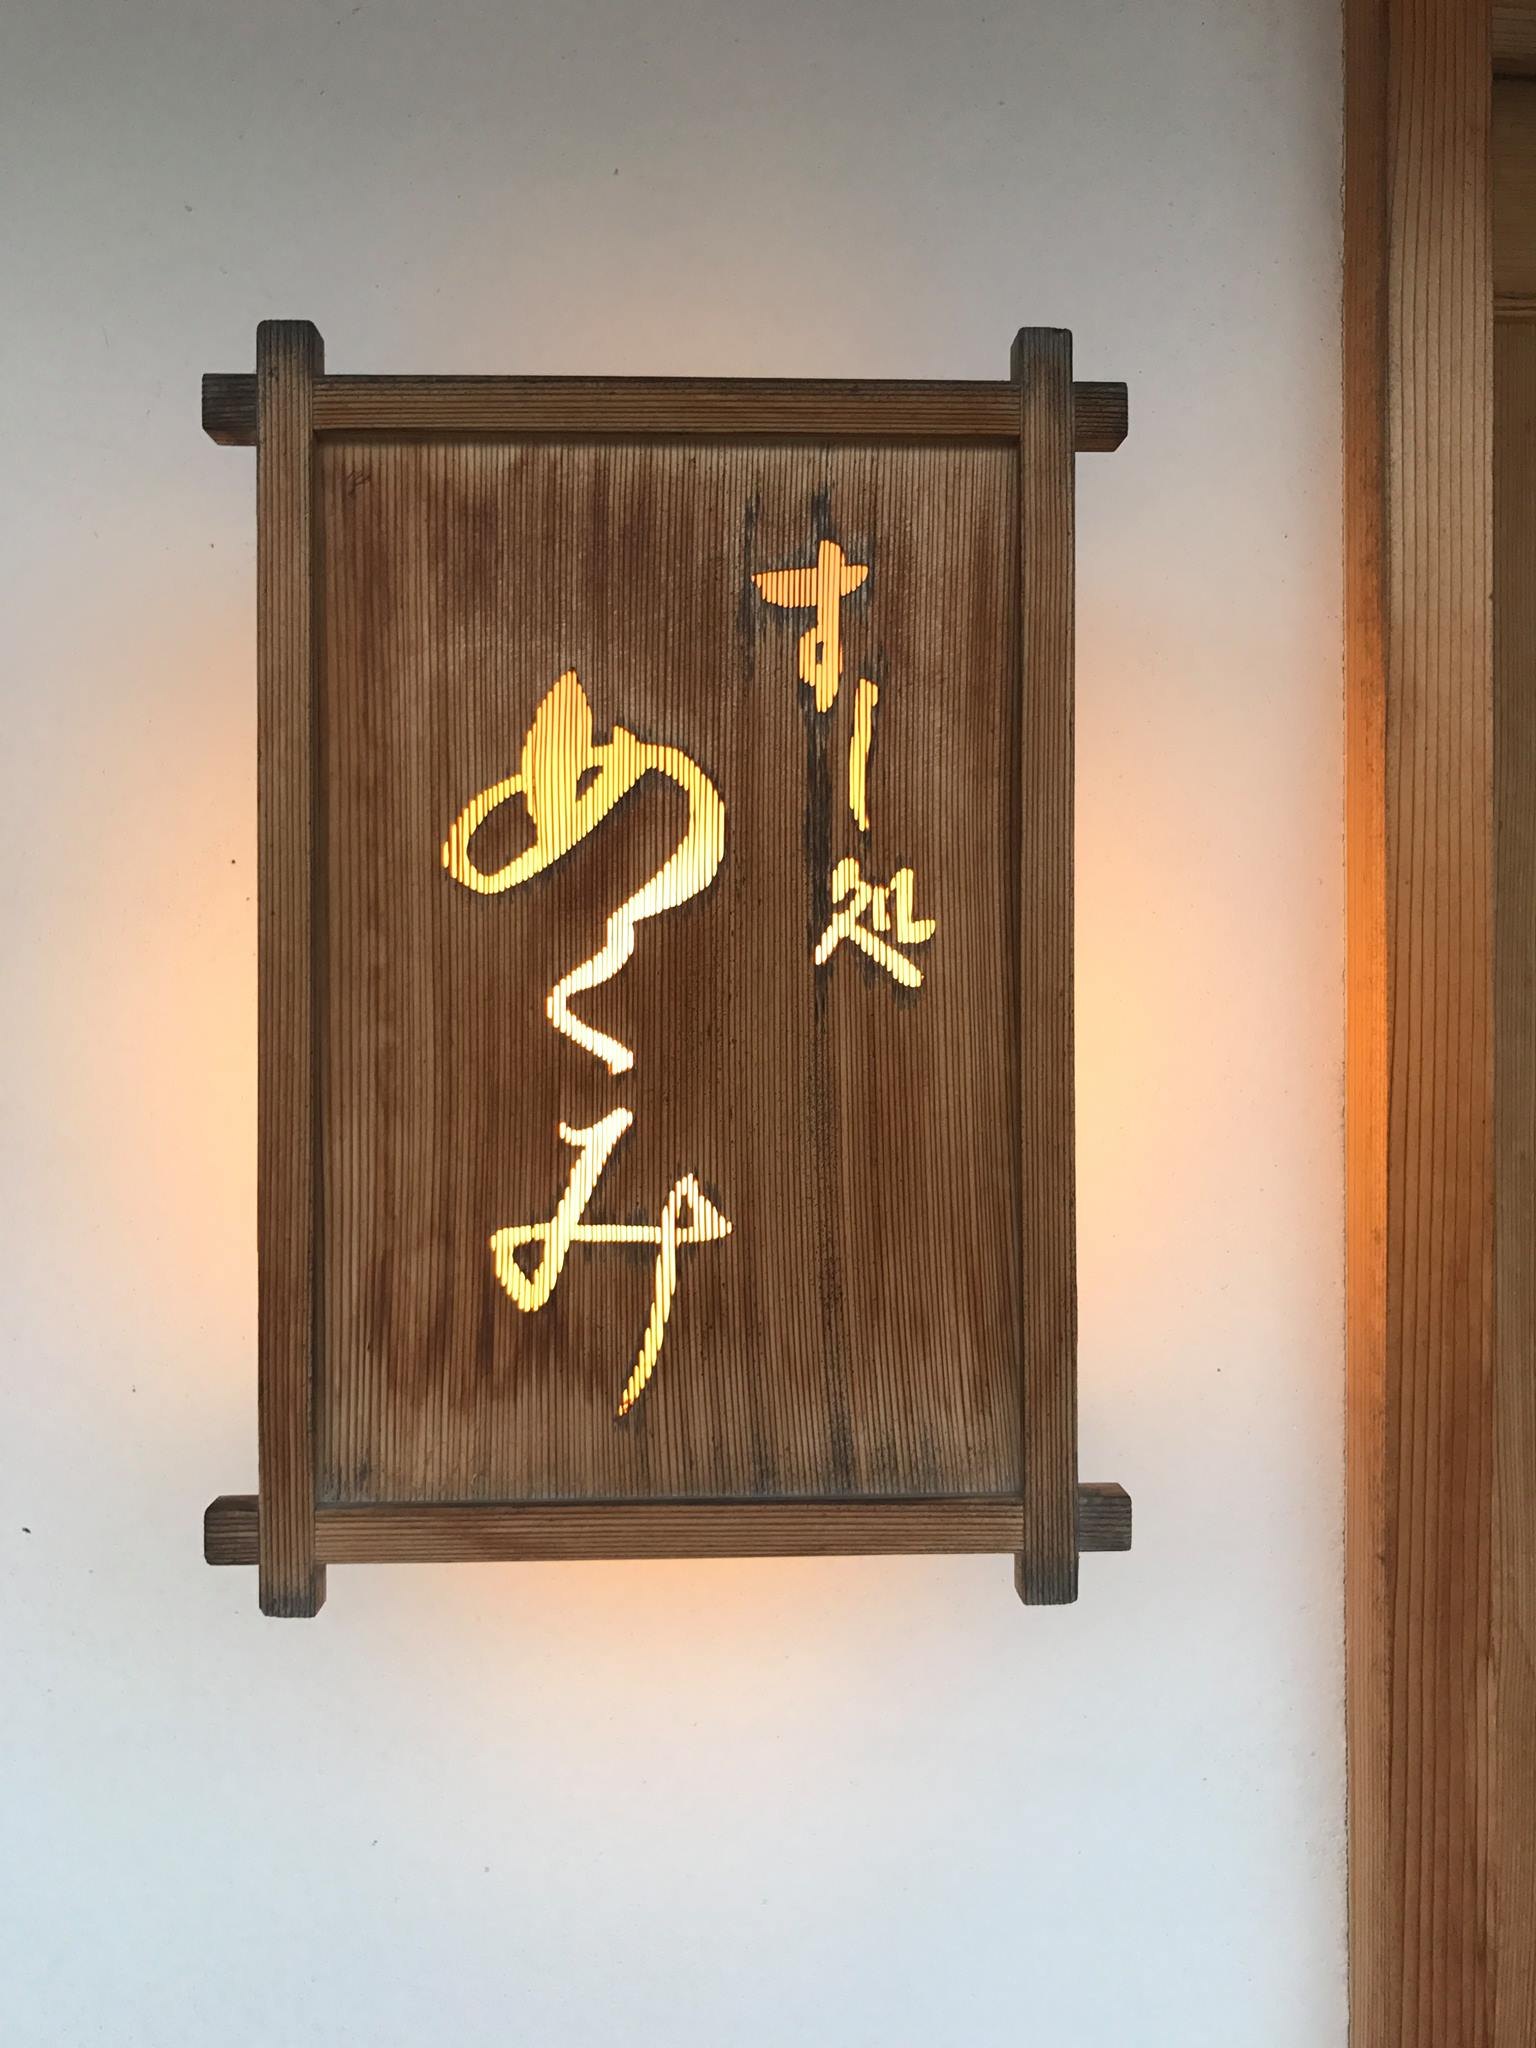 Mekumi, Kanazawa Sushi